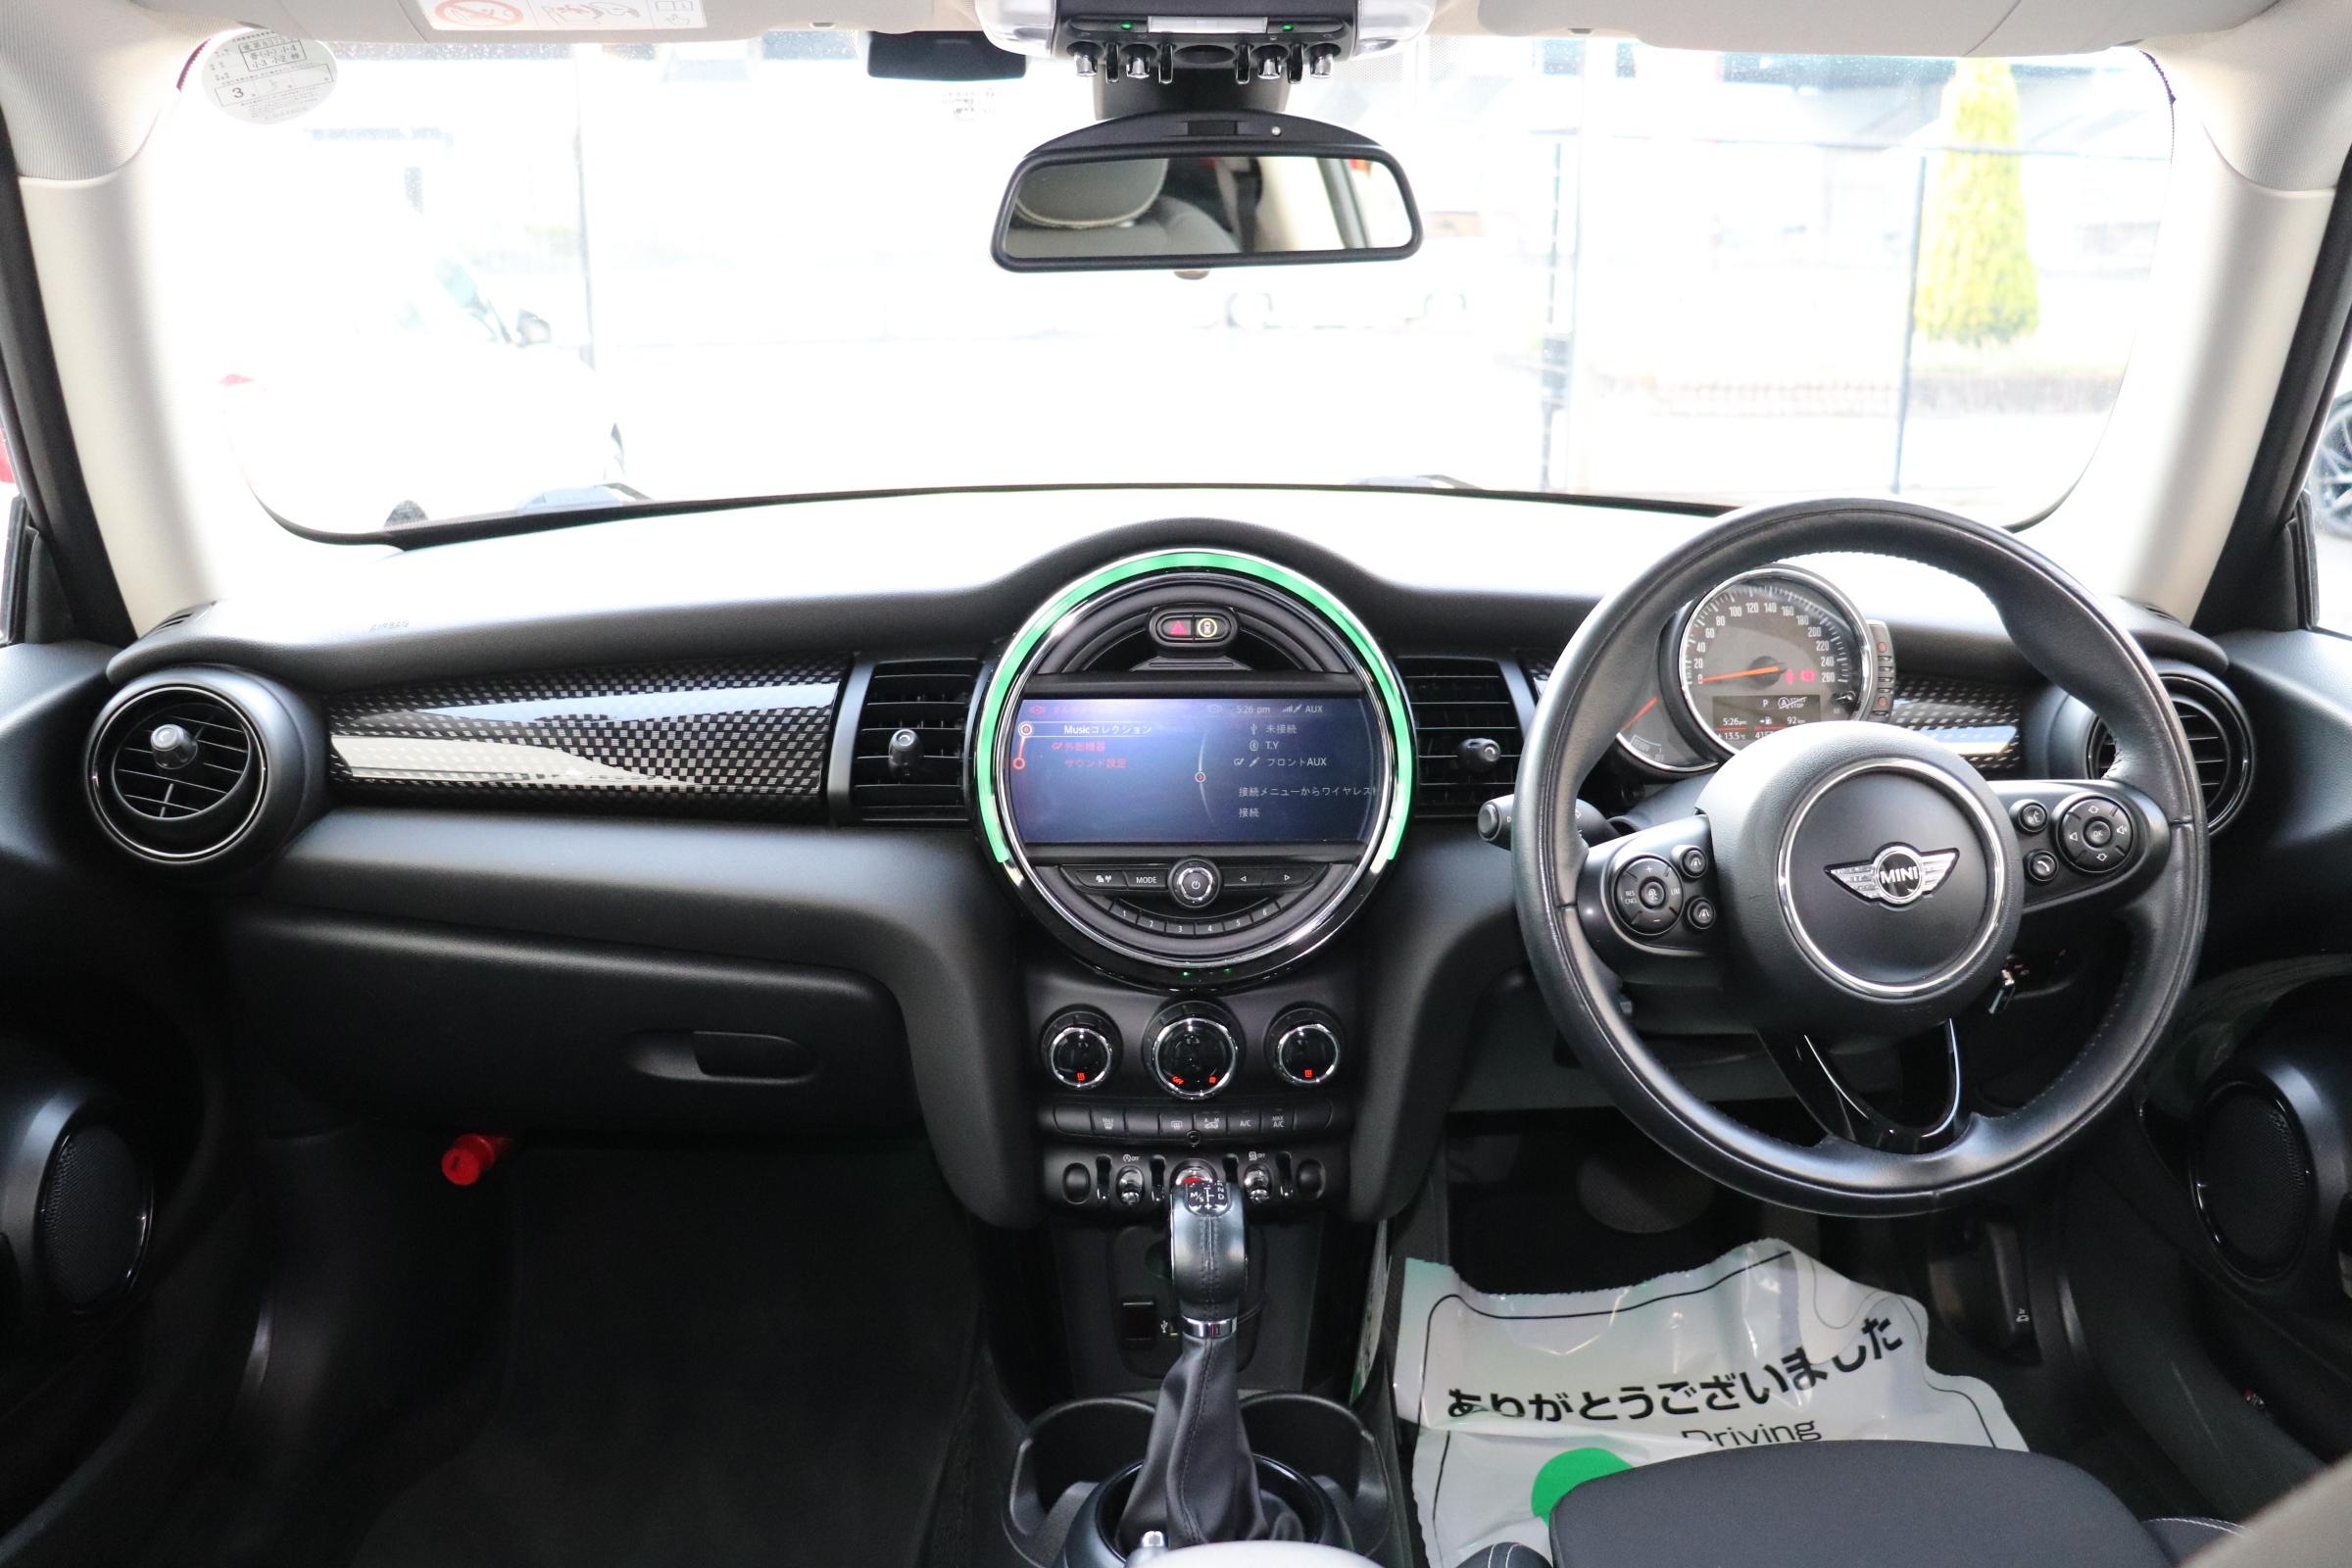 MINIクーパーSD ペッパーP 地デジ スマートキー アクティブクルコン Bカメラ車両画像10